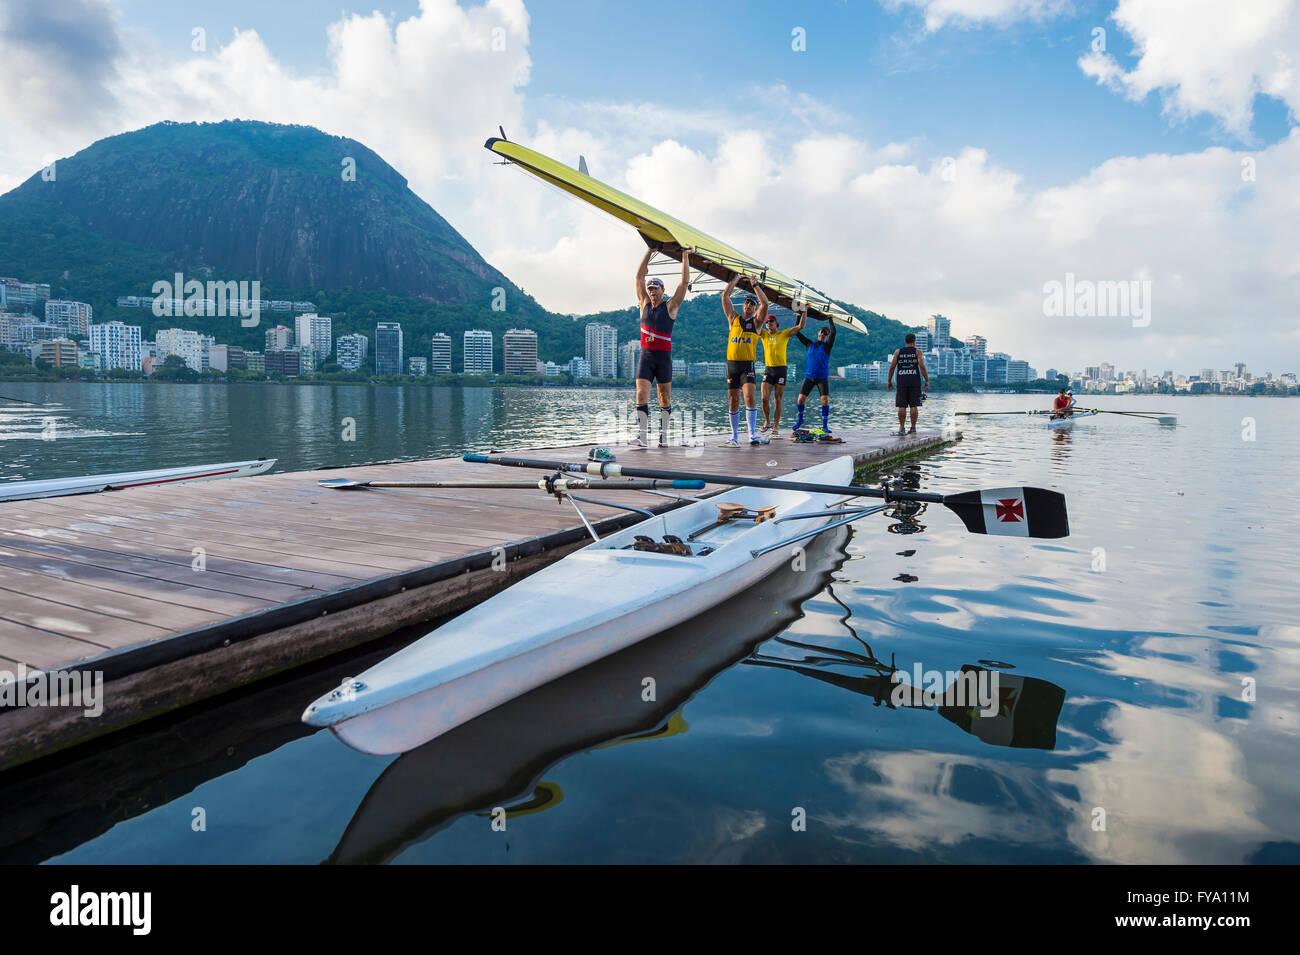 RIO DE JANEIRO - 1 avril 2016: Les membres de l'Aviron Club Vasco da Gama transporter leur bateau à Photo Stock